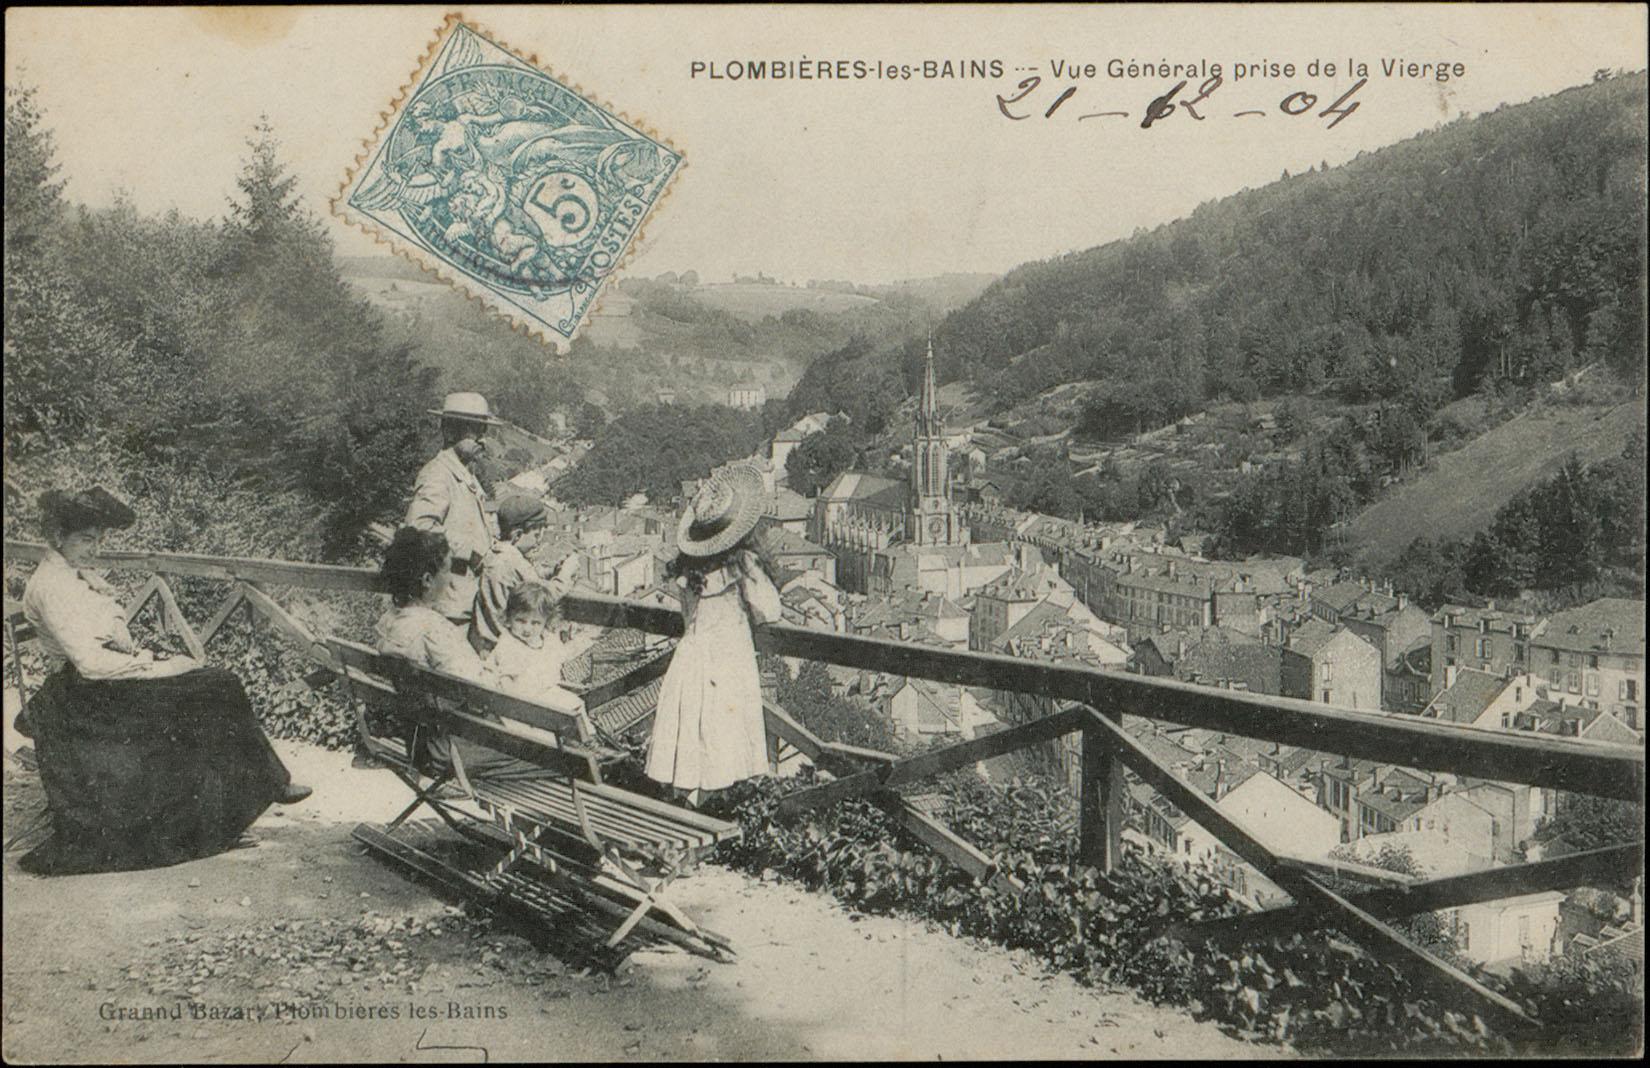 Contenu du Plombières-les-Bains, Vue générale prise de la Vierge